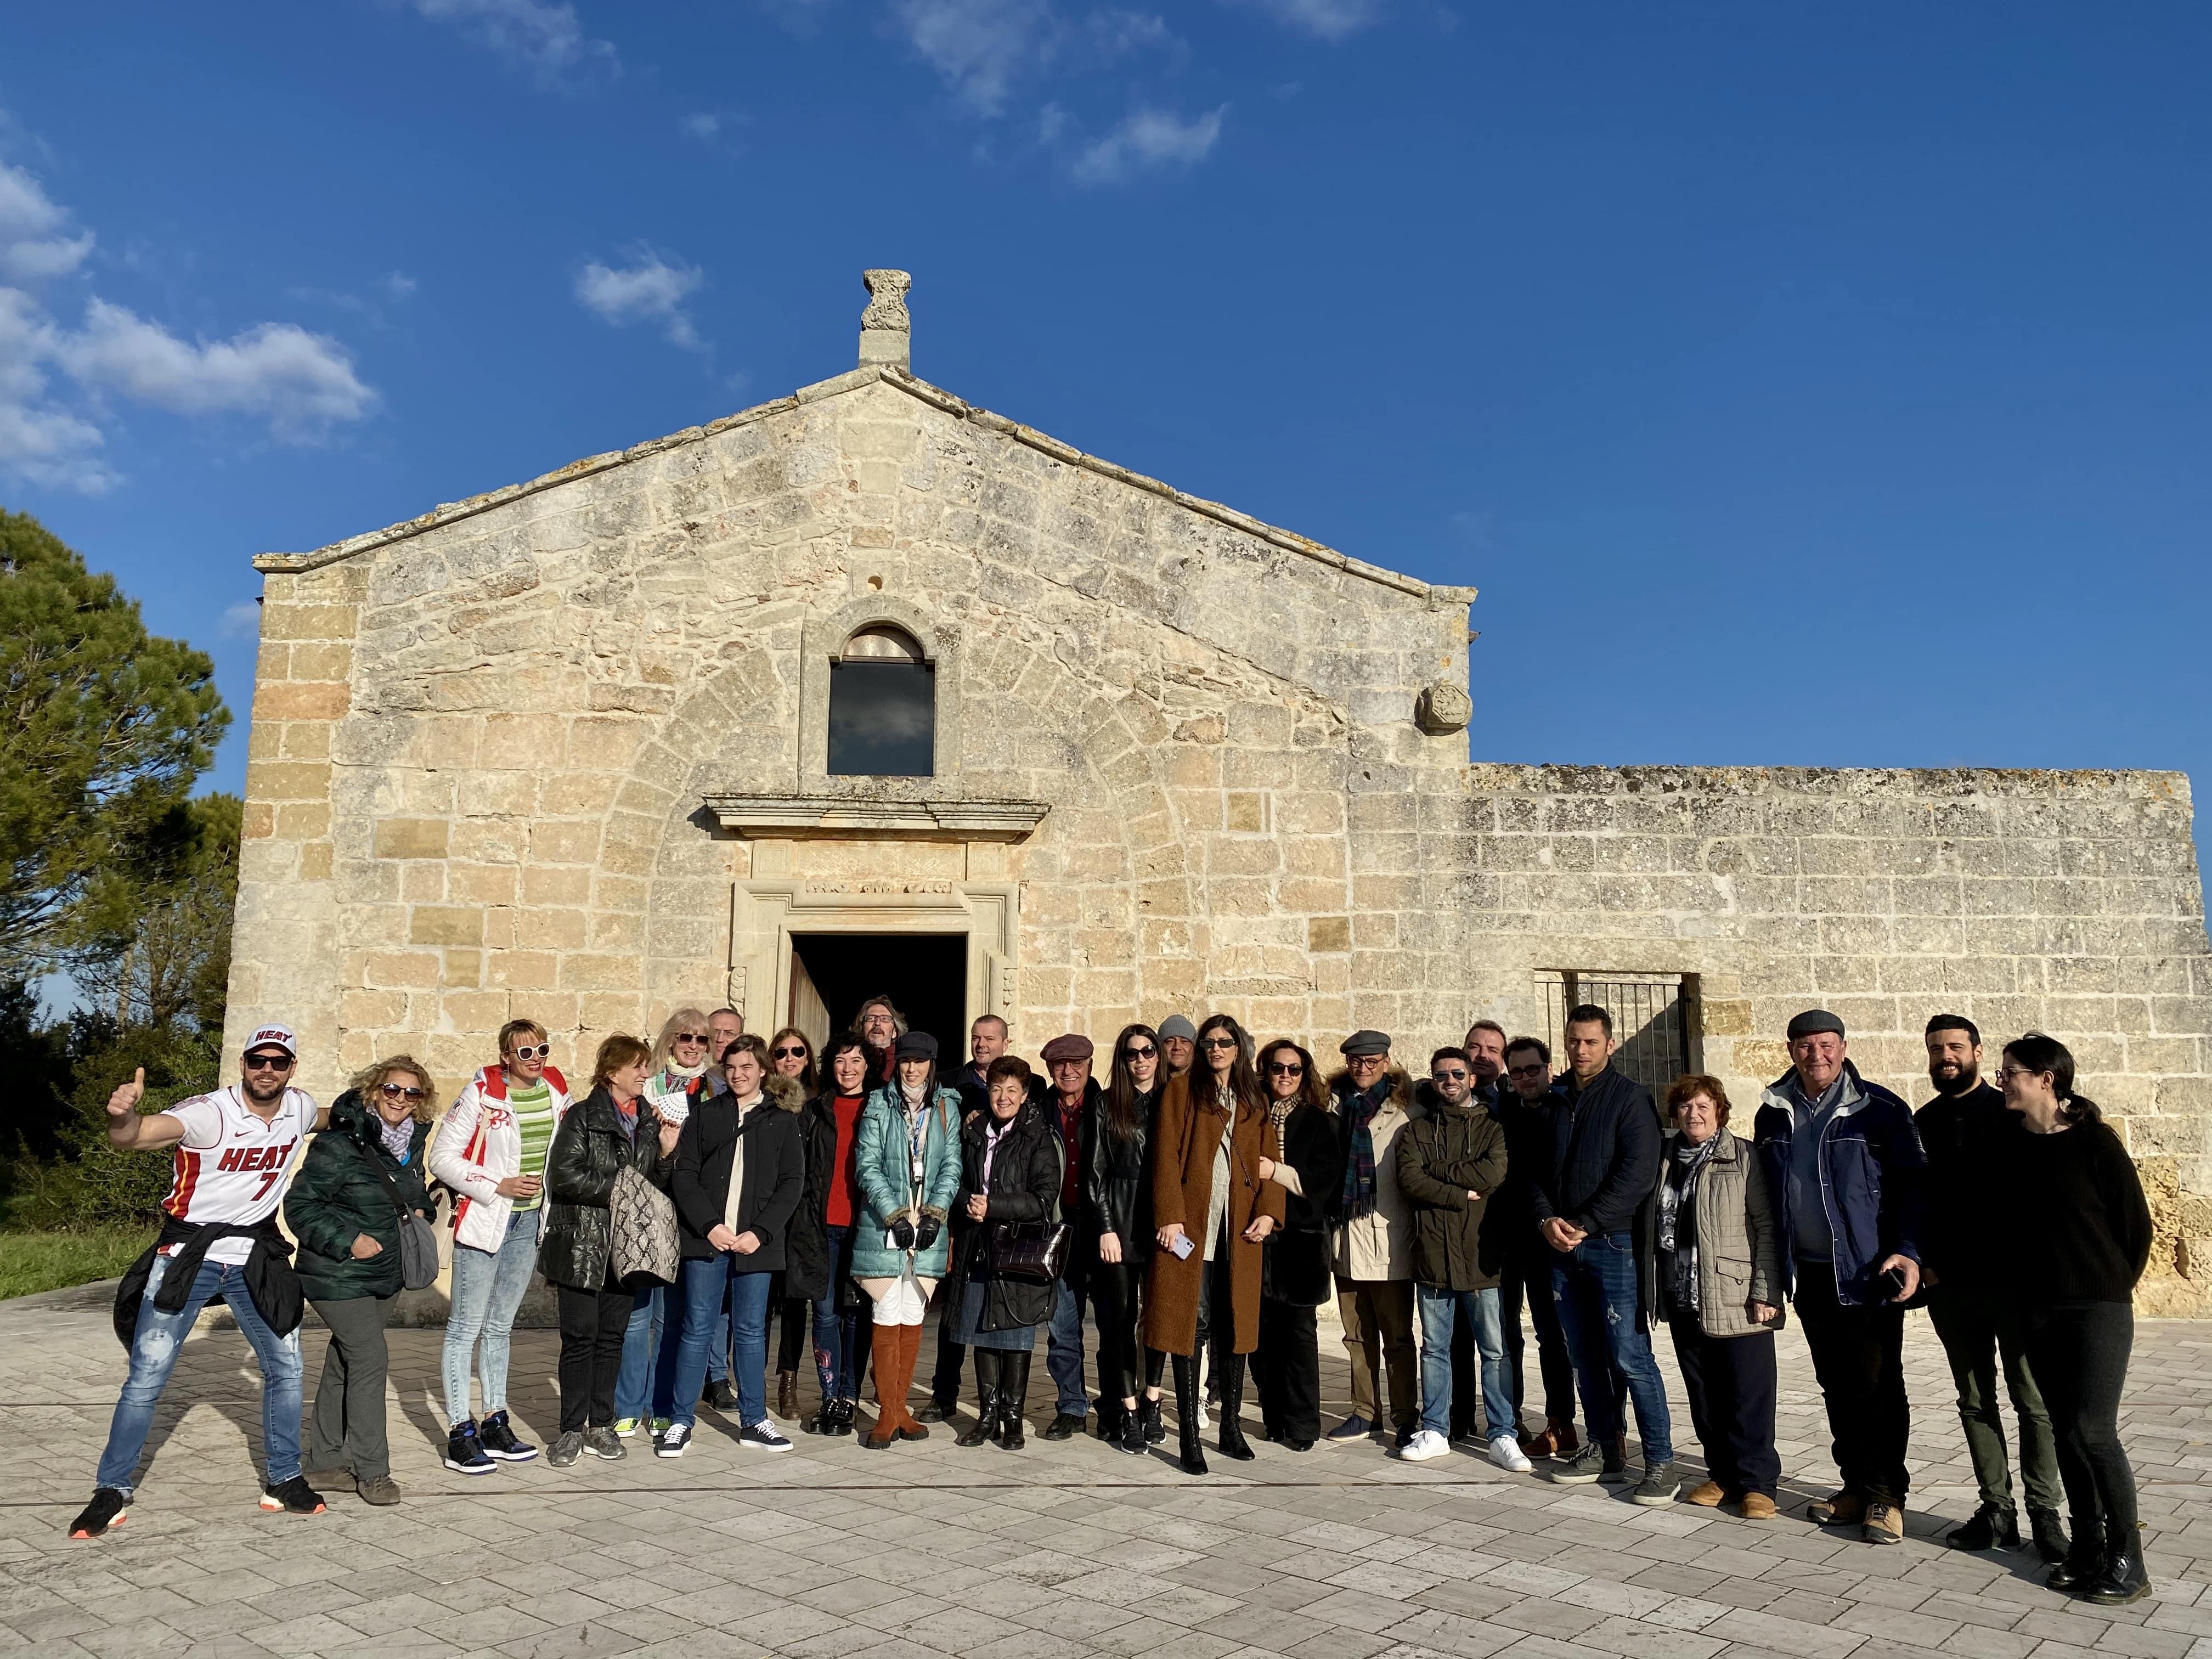 DRPD na šesti konferenci projekta »Old towns – new results« v San Cassianu, Italija